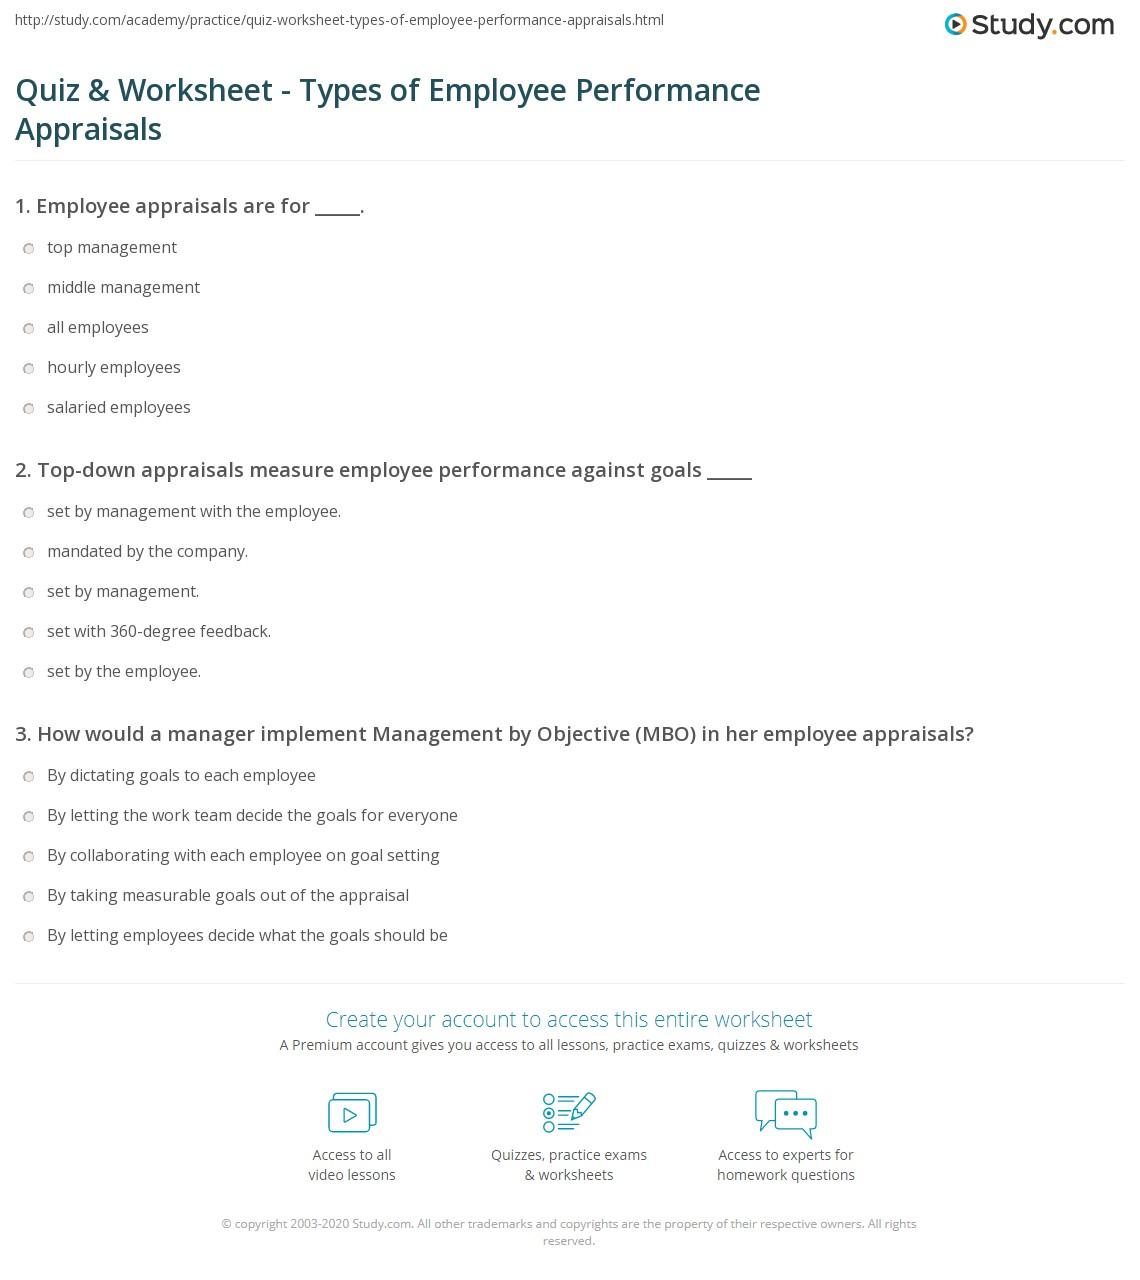 Worksheets Performance Feedback Worksheet quiz worksheet types of employee performance appraisals print appraisal and 360 feedback worksheet